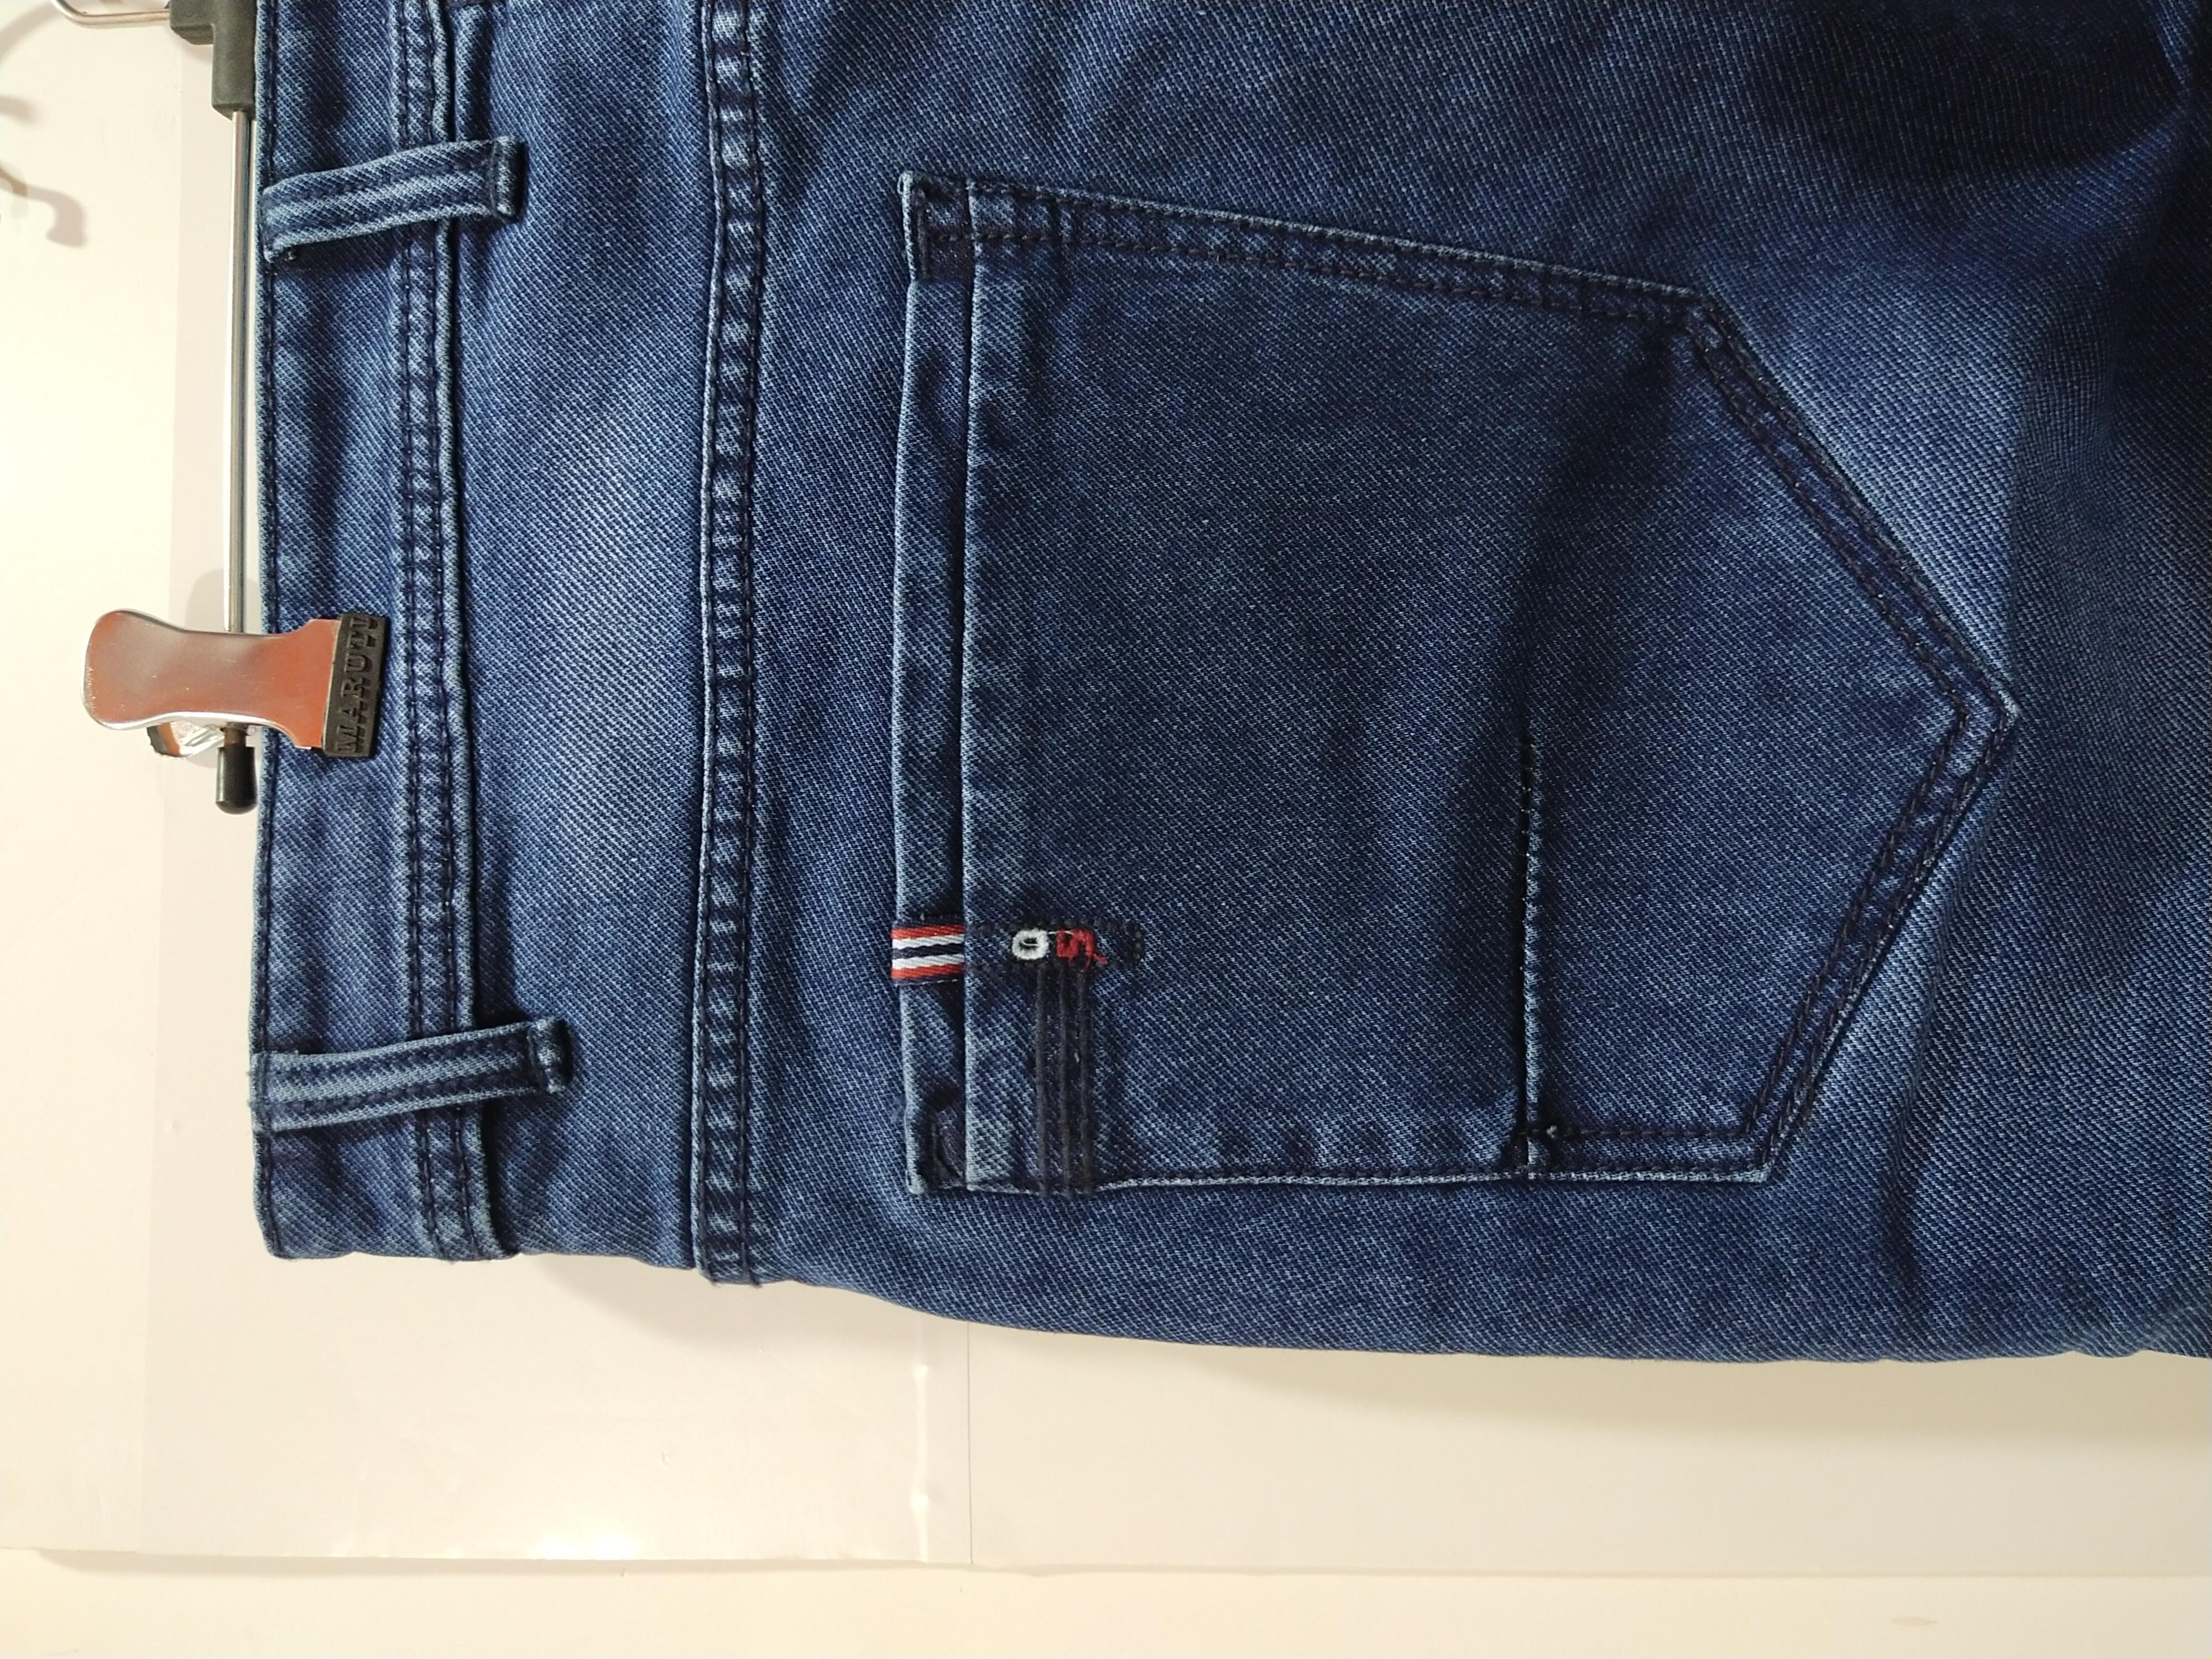 Jeans For Men - London Boys (40, Blue)